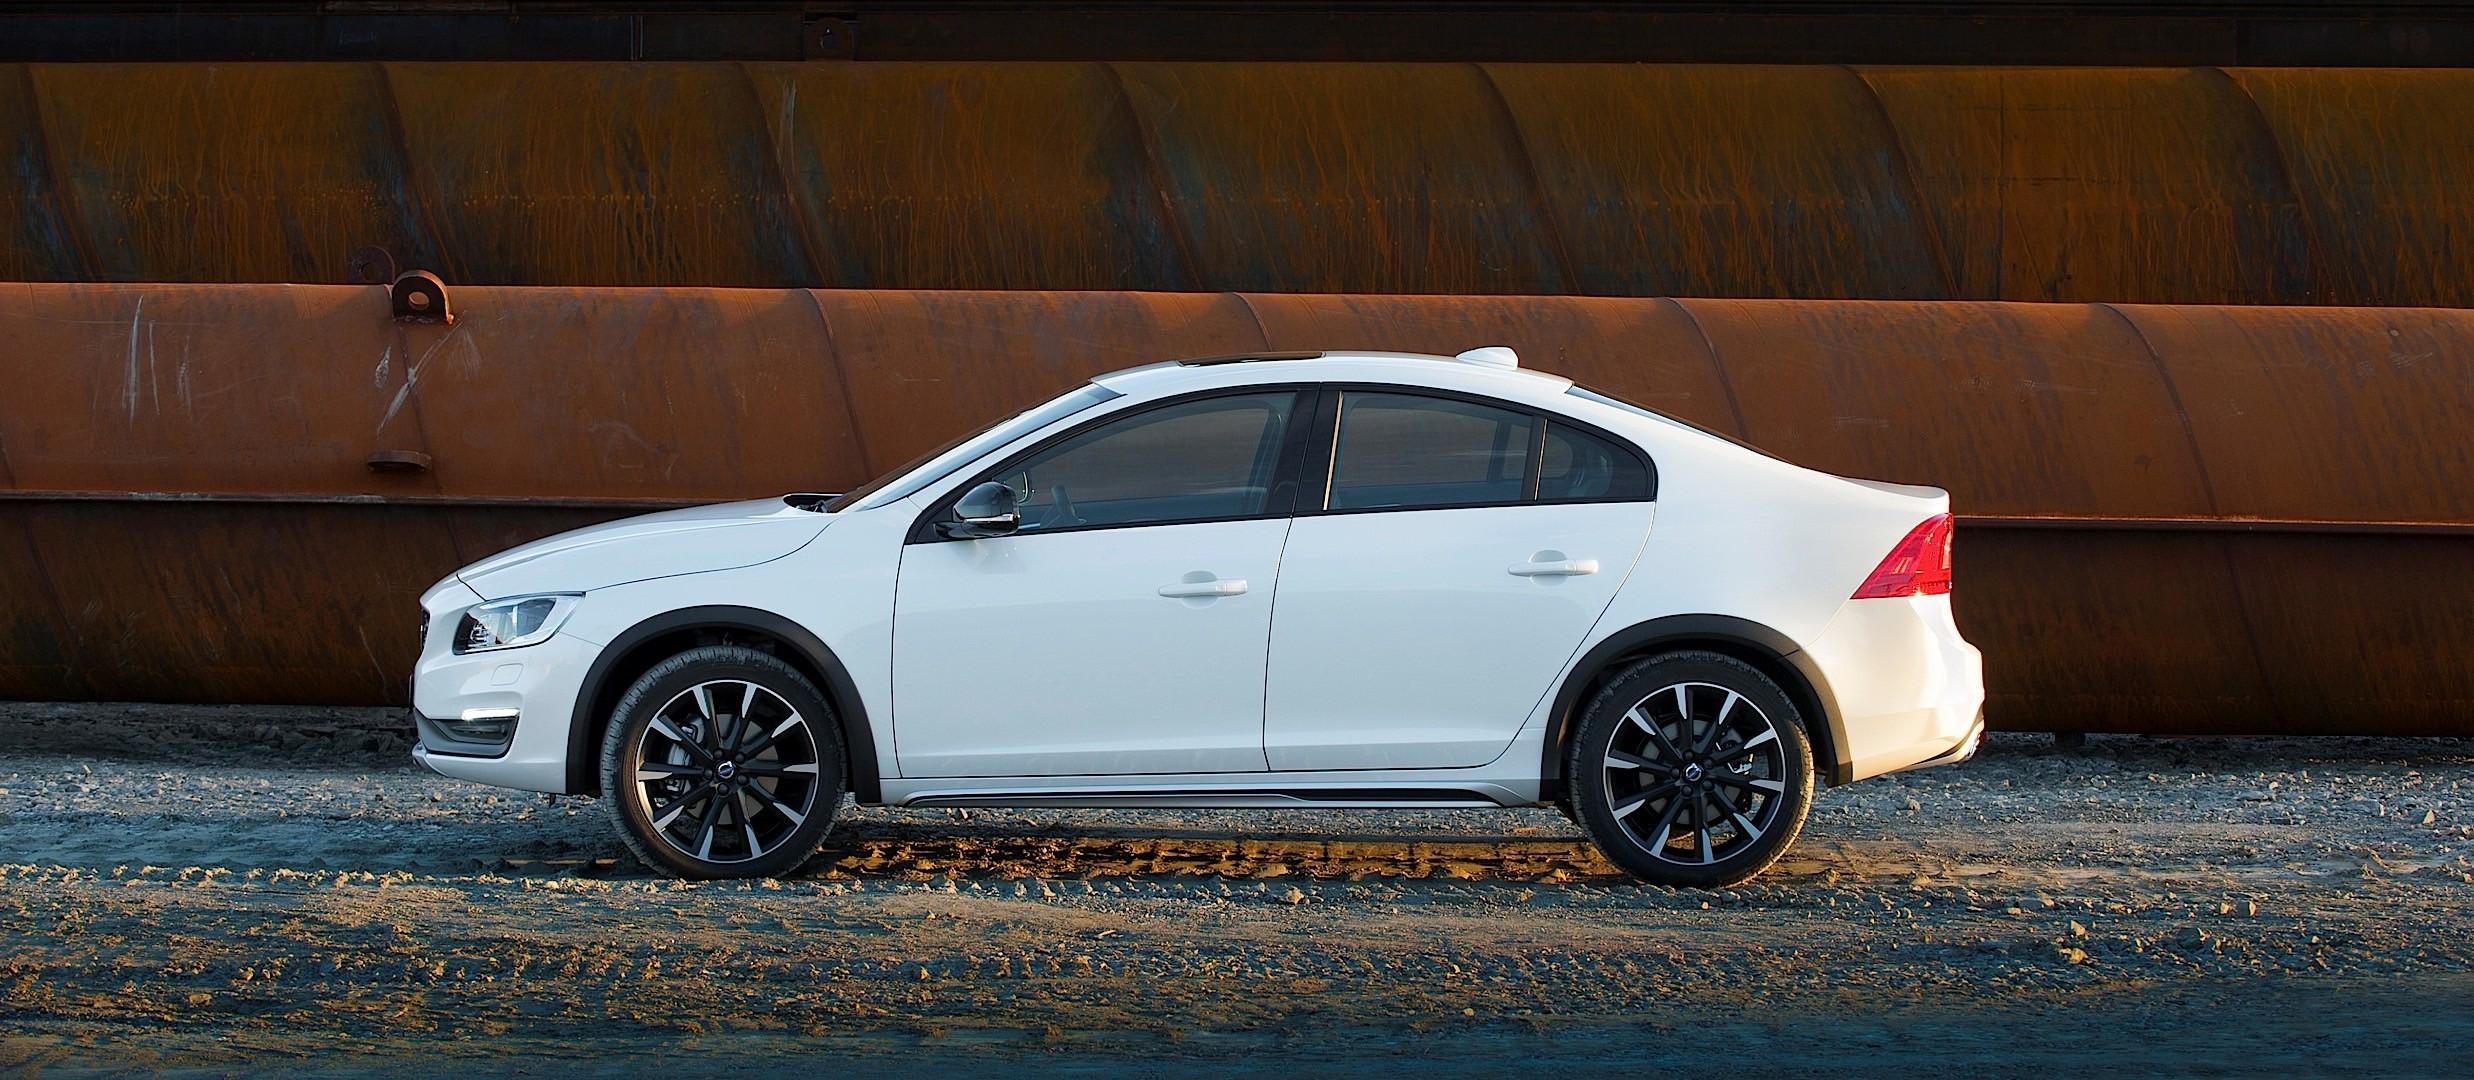 VOLVO S60 Cross Country specs & photos - 2015, 2016, 2017, 2018, 2019 - autoevolution